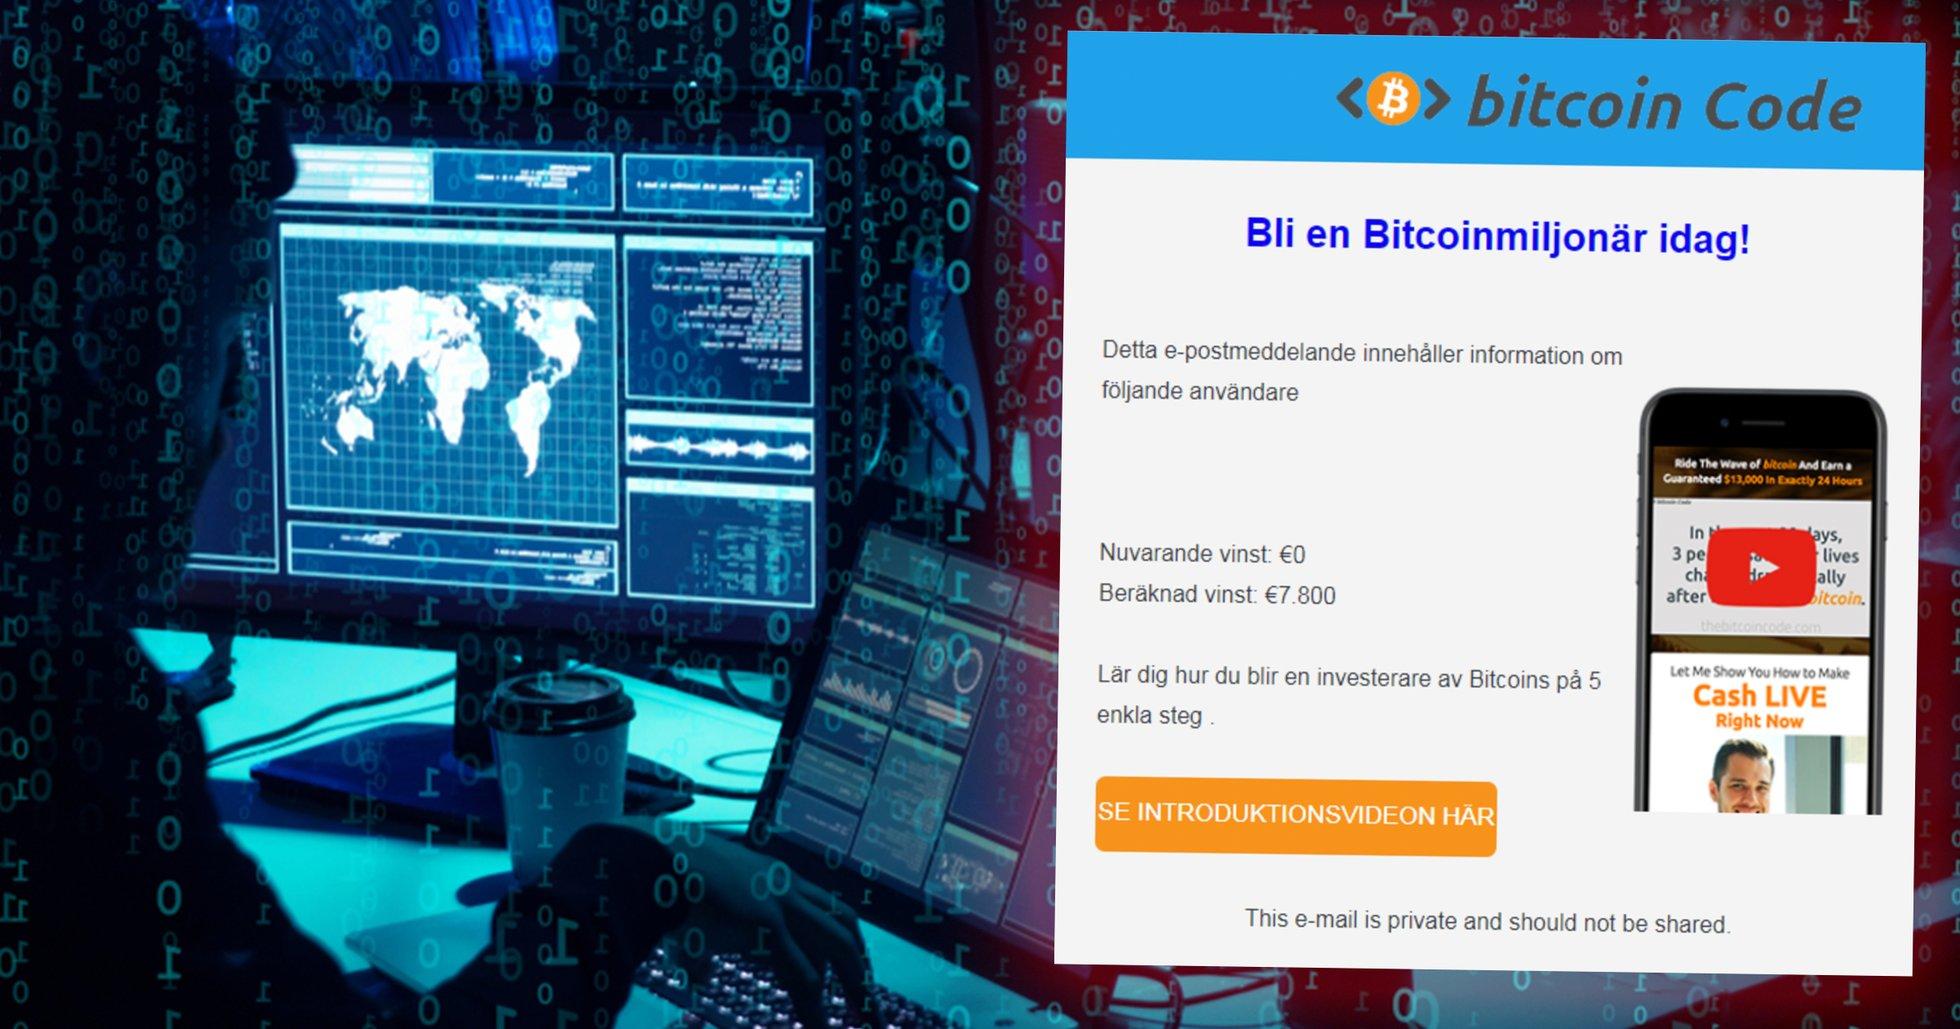 Bitcoinbedragarnas nya metod: Raggar kunder över email